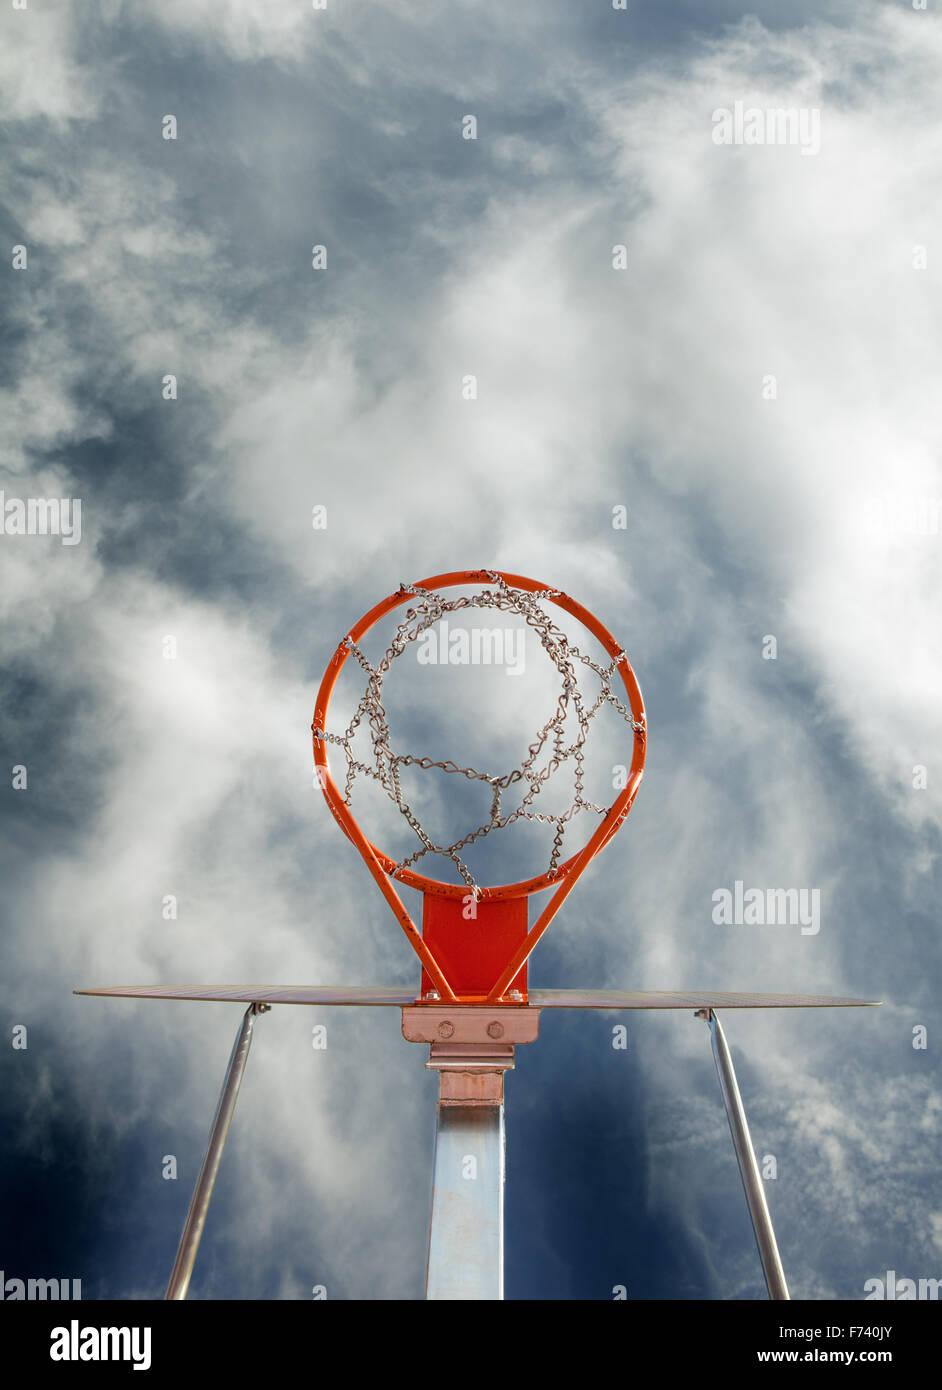 Image abstraite de basket-ball but contre le ciel Photo Stock